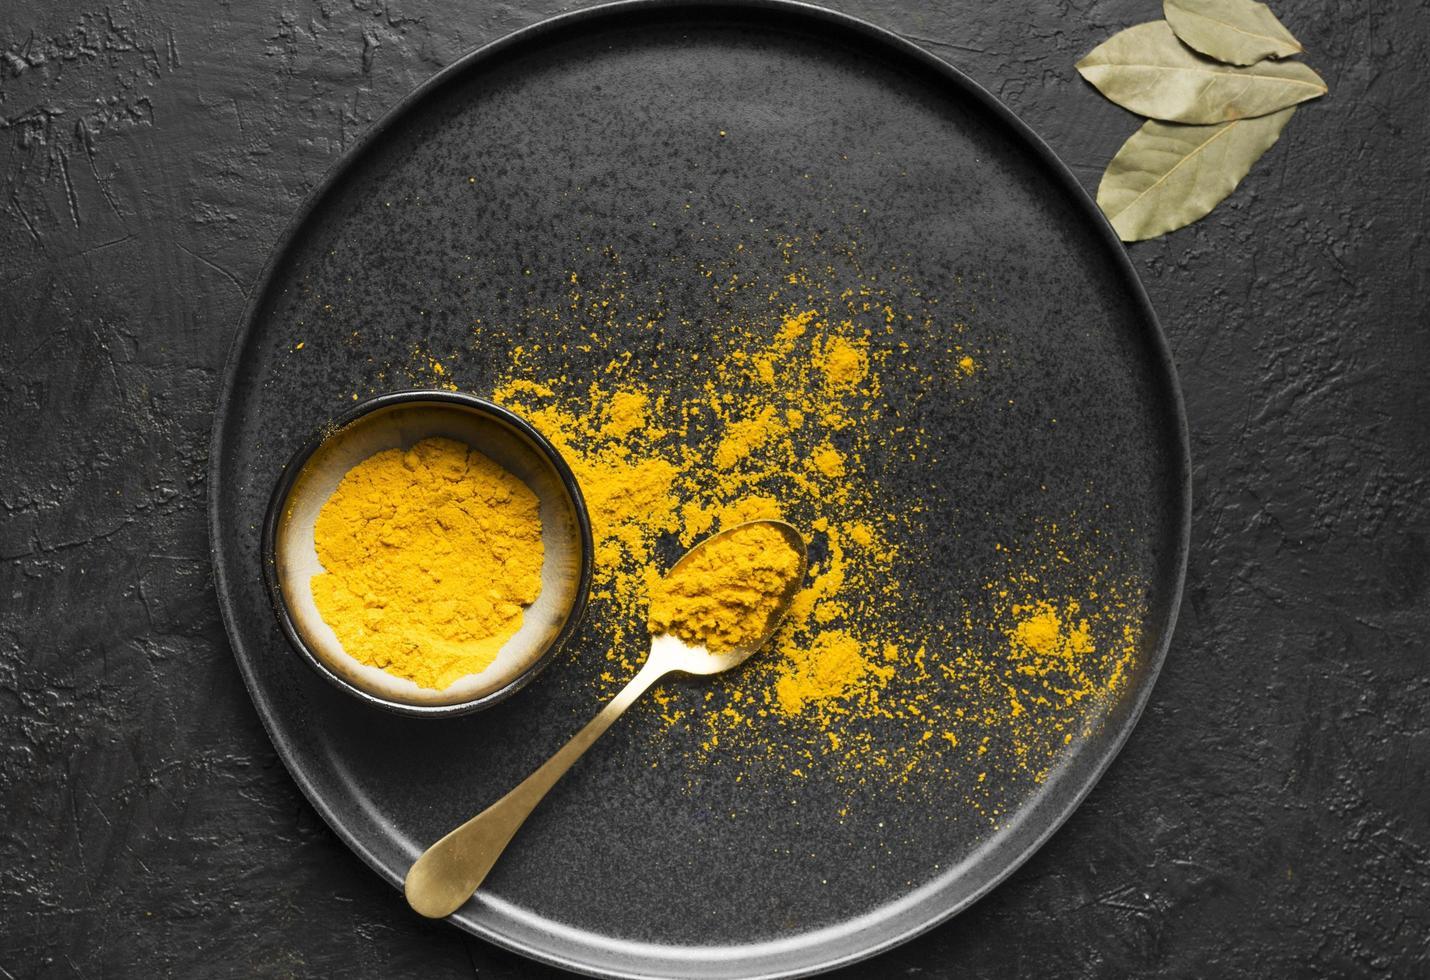 Polvo de curry amarillo sobre un fondo oscuro foto